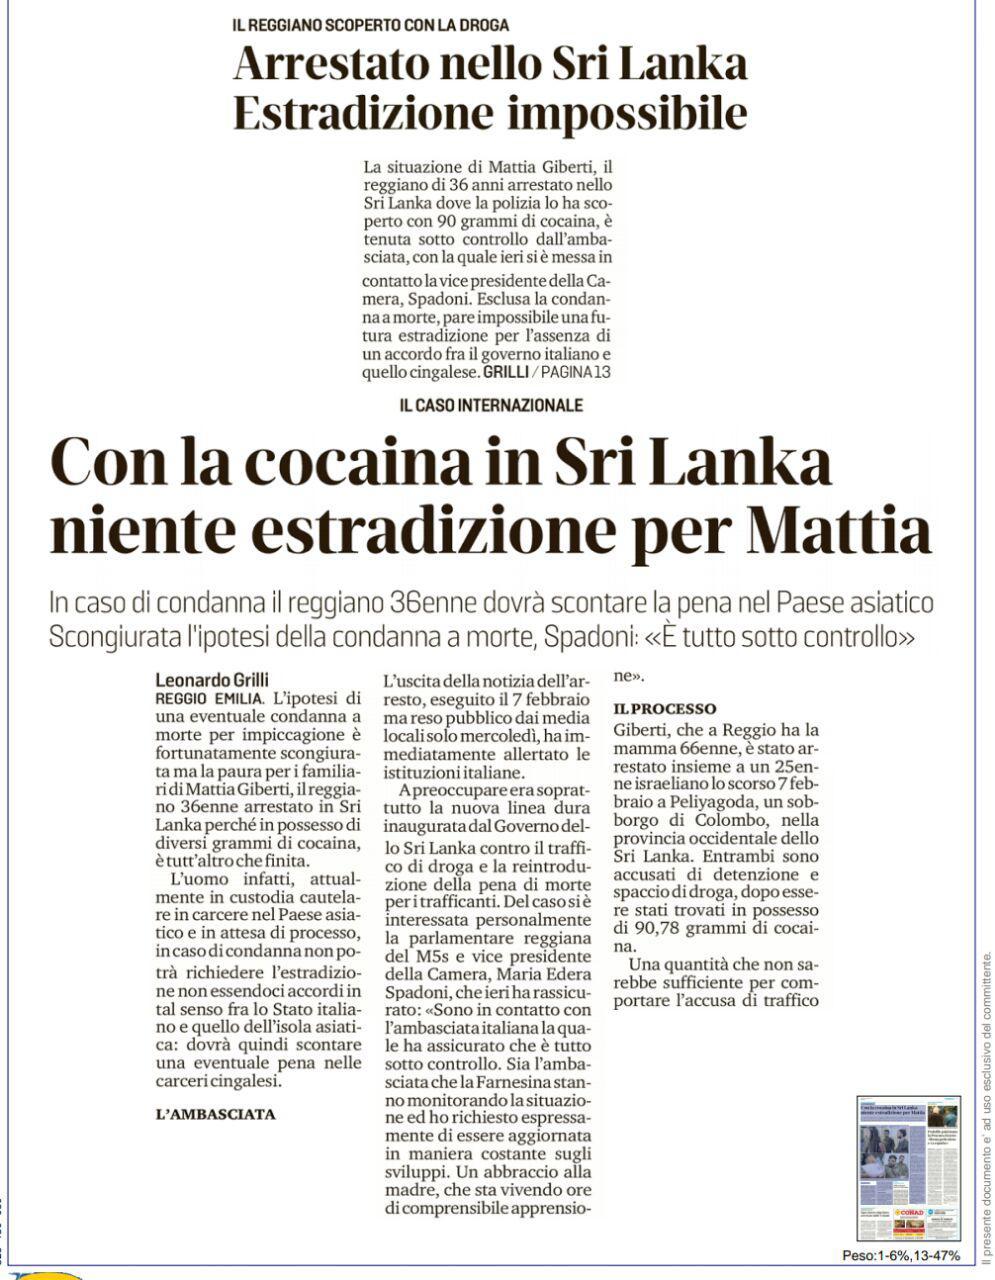 """Rs, Spadoni: """" Sono in contatto con l'ambasciata italiana la quale mi ha assicurato che è tutto sotto controllo"""""""